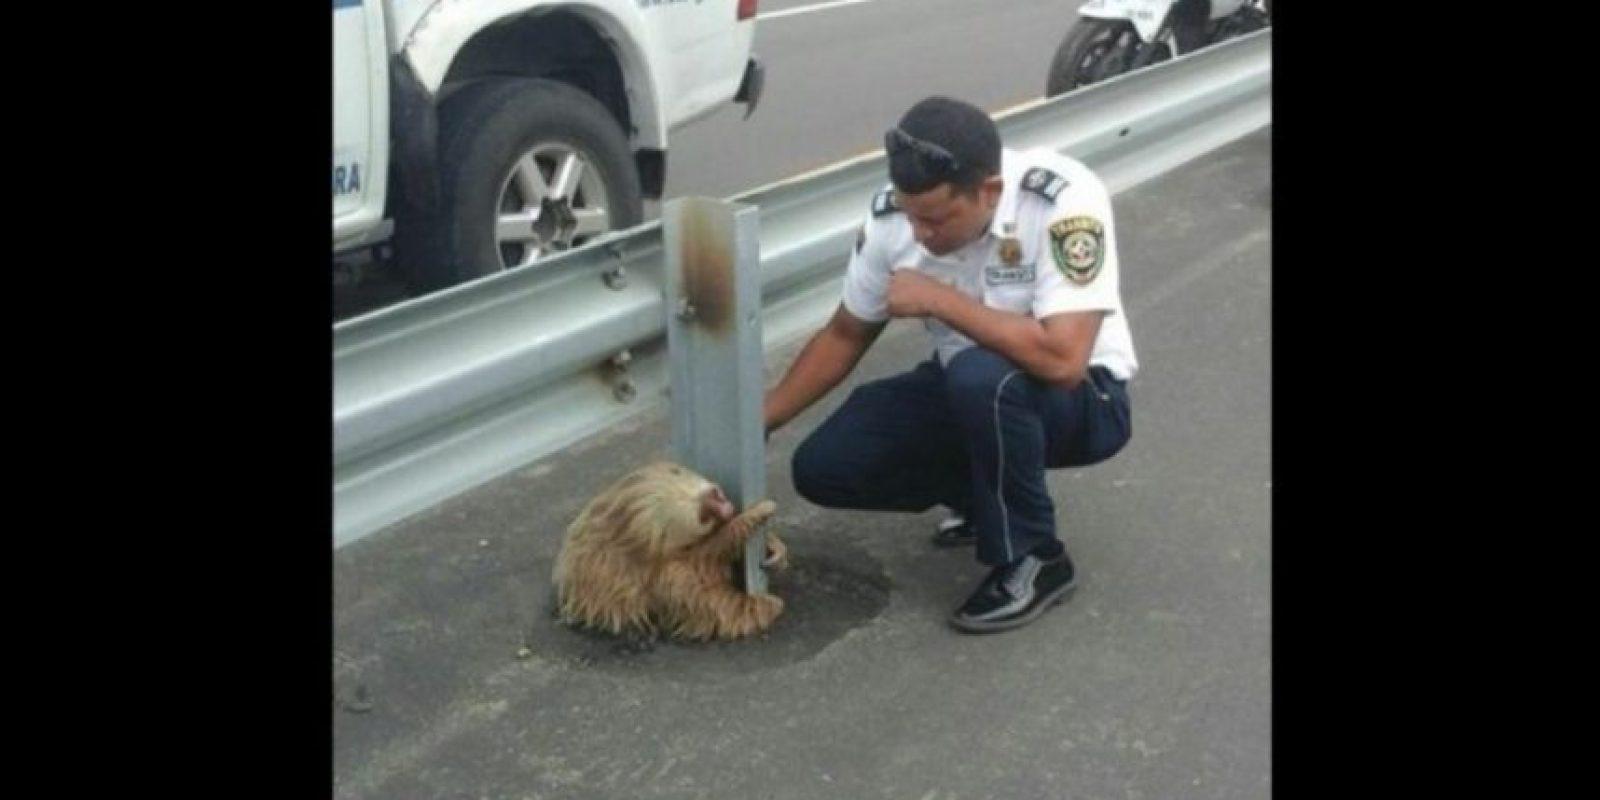 El pasado 22 de enero, un oso perezoso intentó cruzar por una autopista, en la provincia de Los Ríos, Ecuador. Foto:facebook.com/ctecuador. Imagen Por: